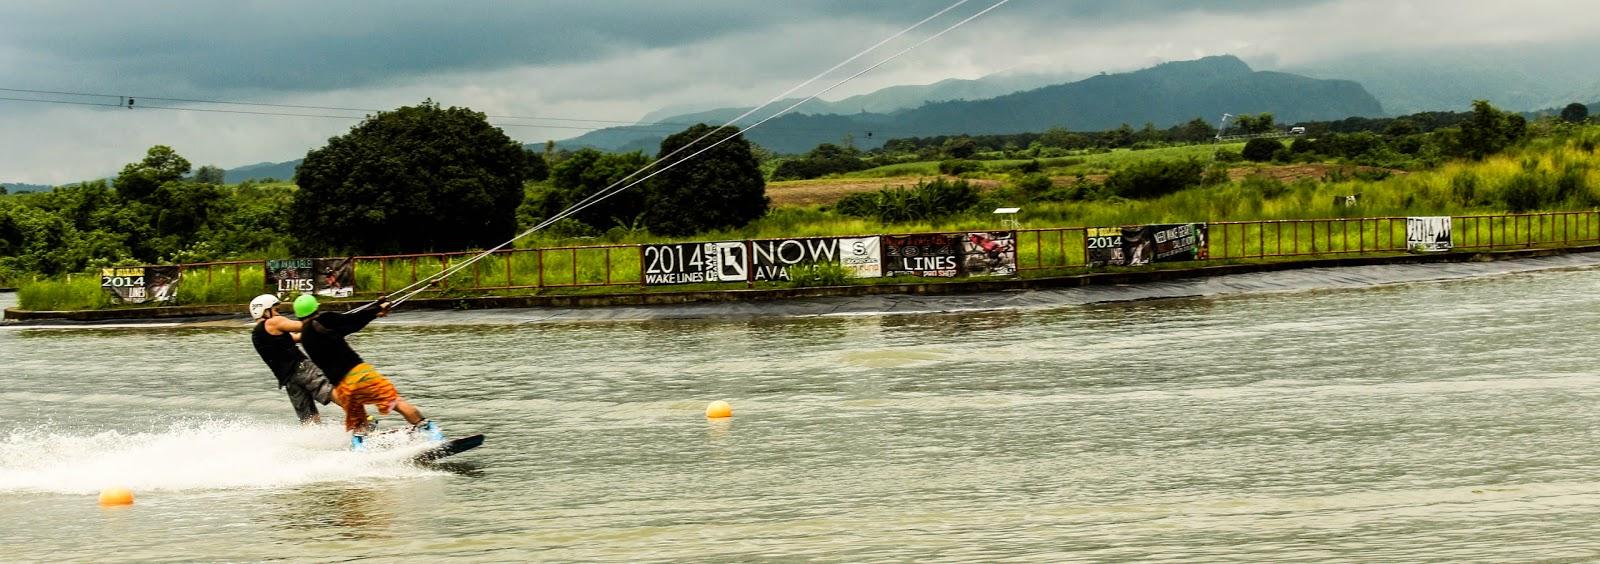 Pampanga tourist spots, Deca water Park